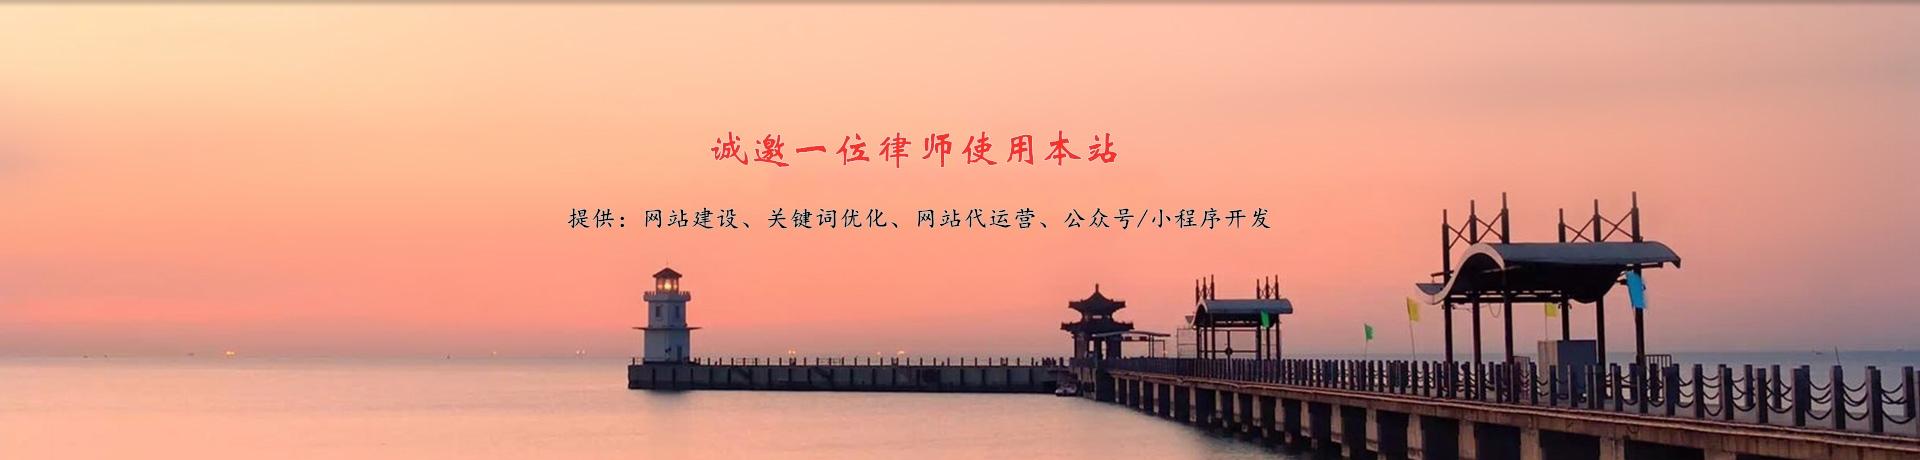 惠州律师大图一